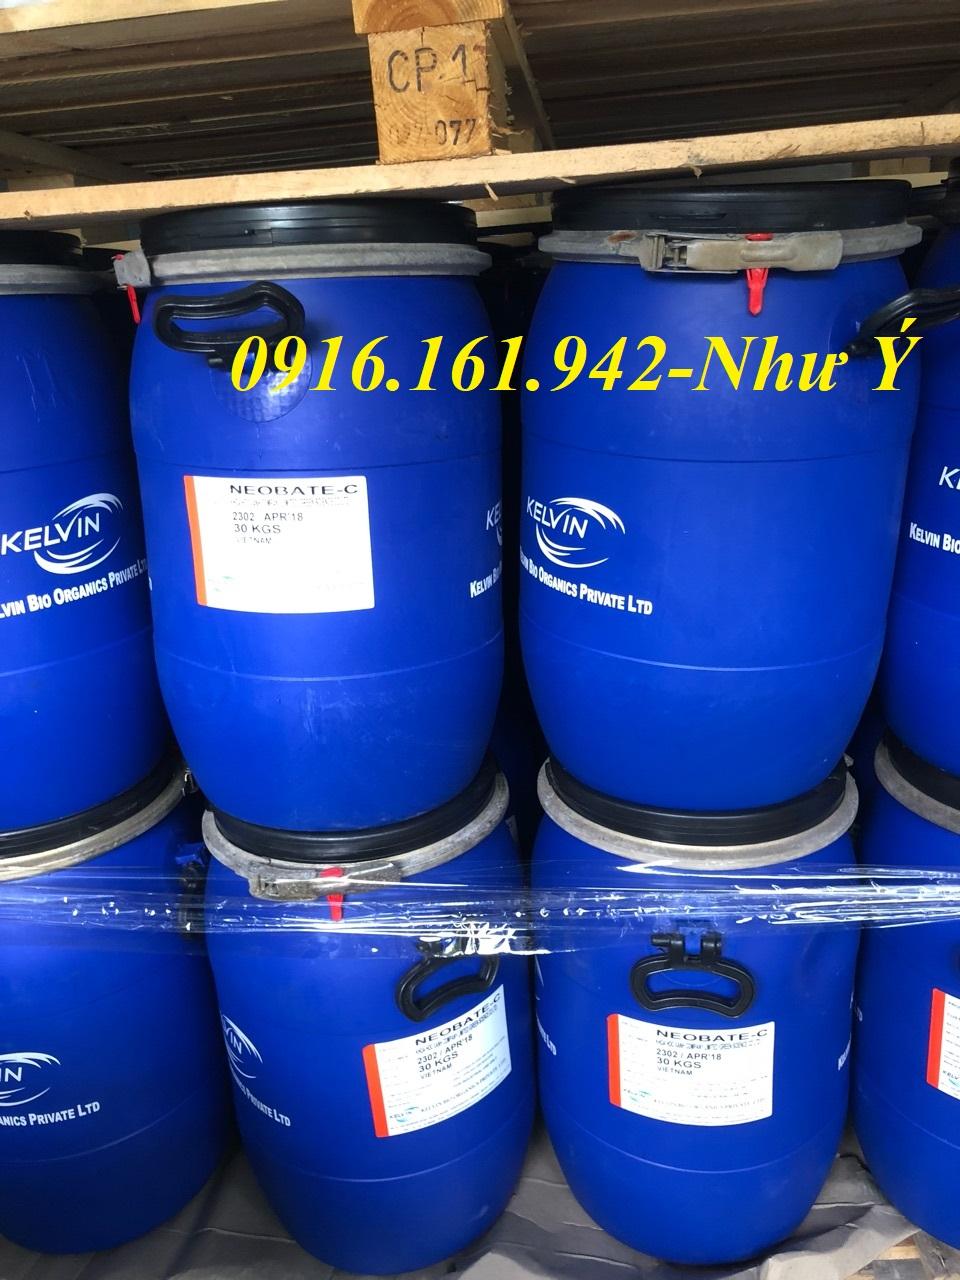 Enzyme Xử Lý Tảo, Xử lý Rong Bám Bạt Đáy Ao, Phân Hủy Mùn Bã Hữu Cơ: NEOBATE C